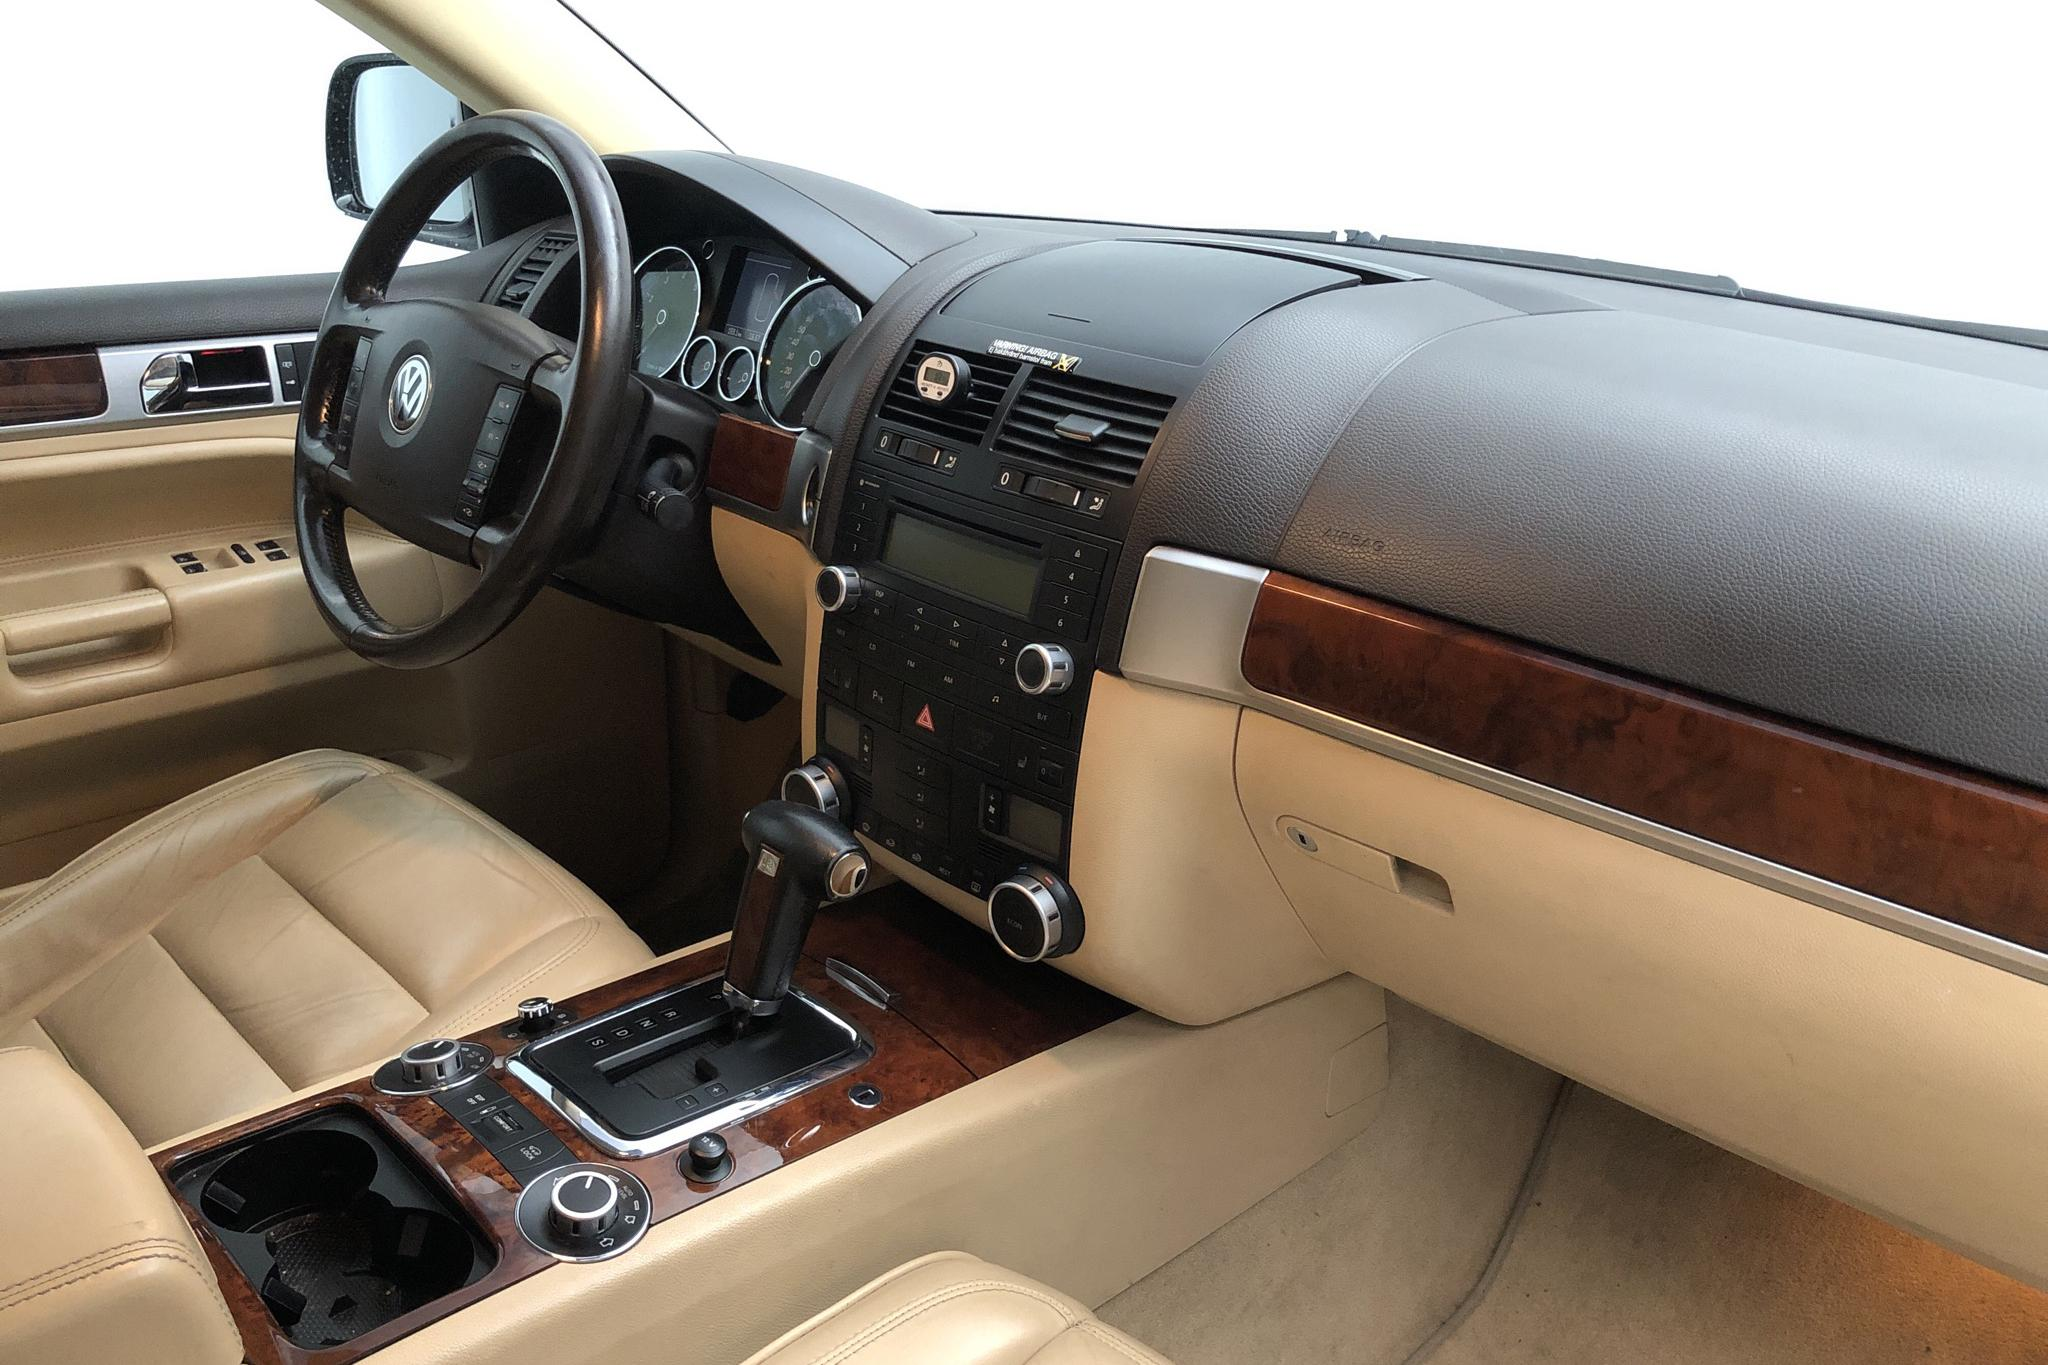 VW Touareg 4.2 V8 (310hk) - 189 310 km - Automatic - black - 2005